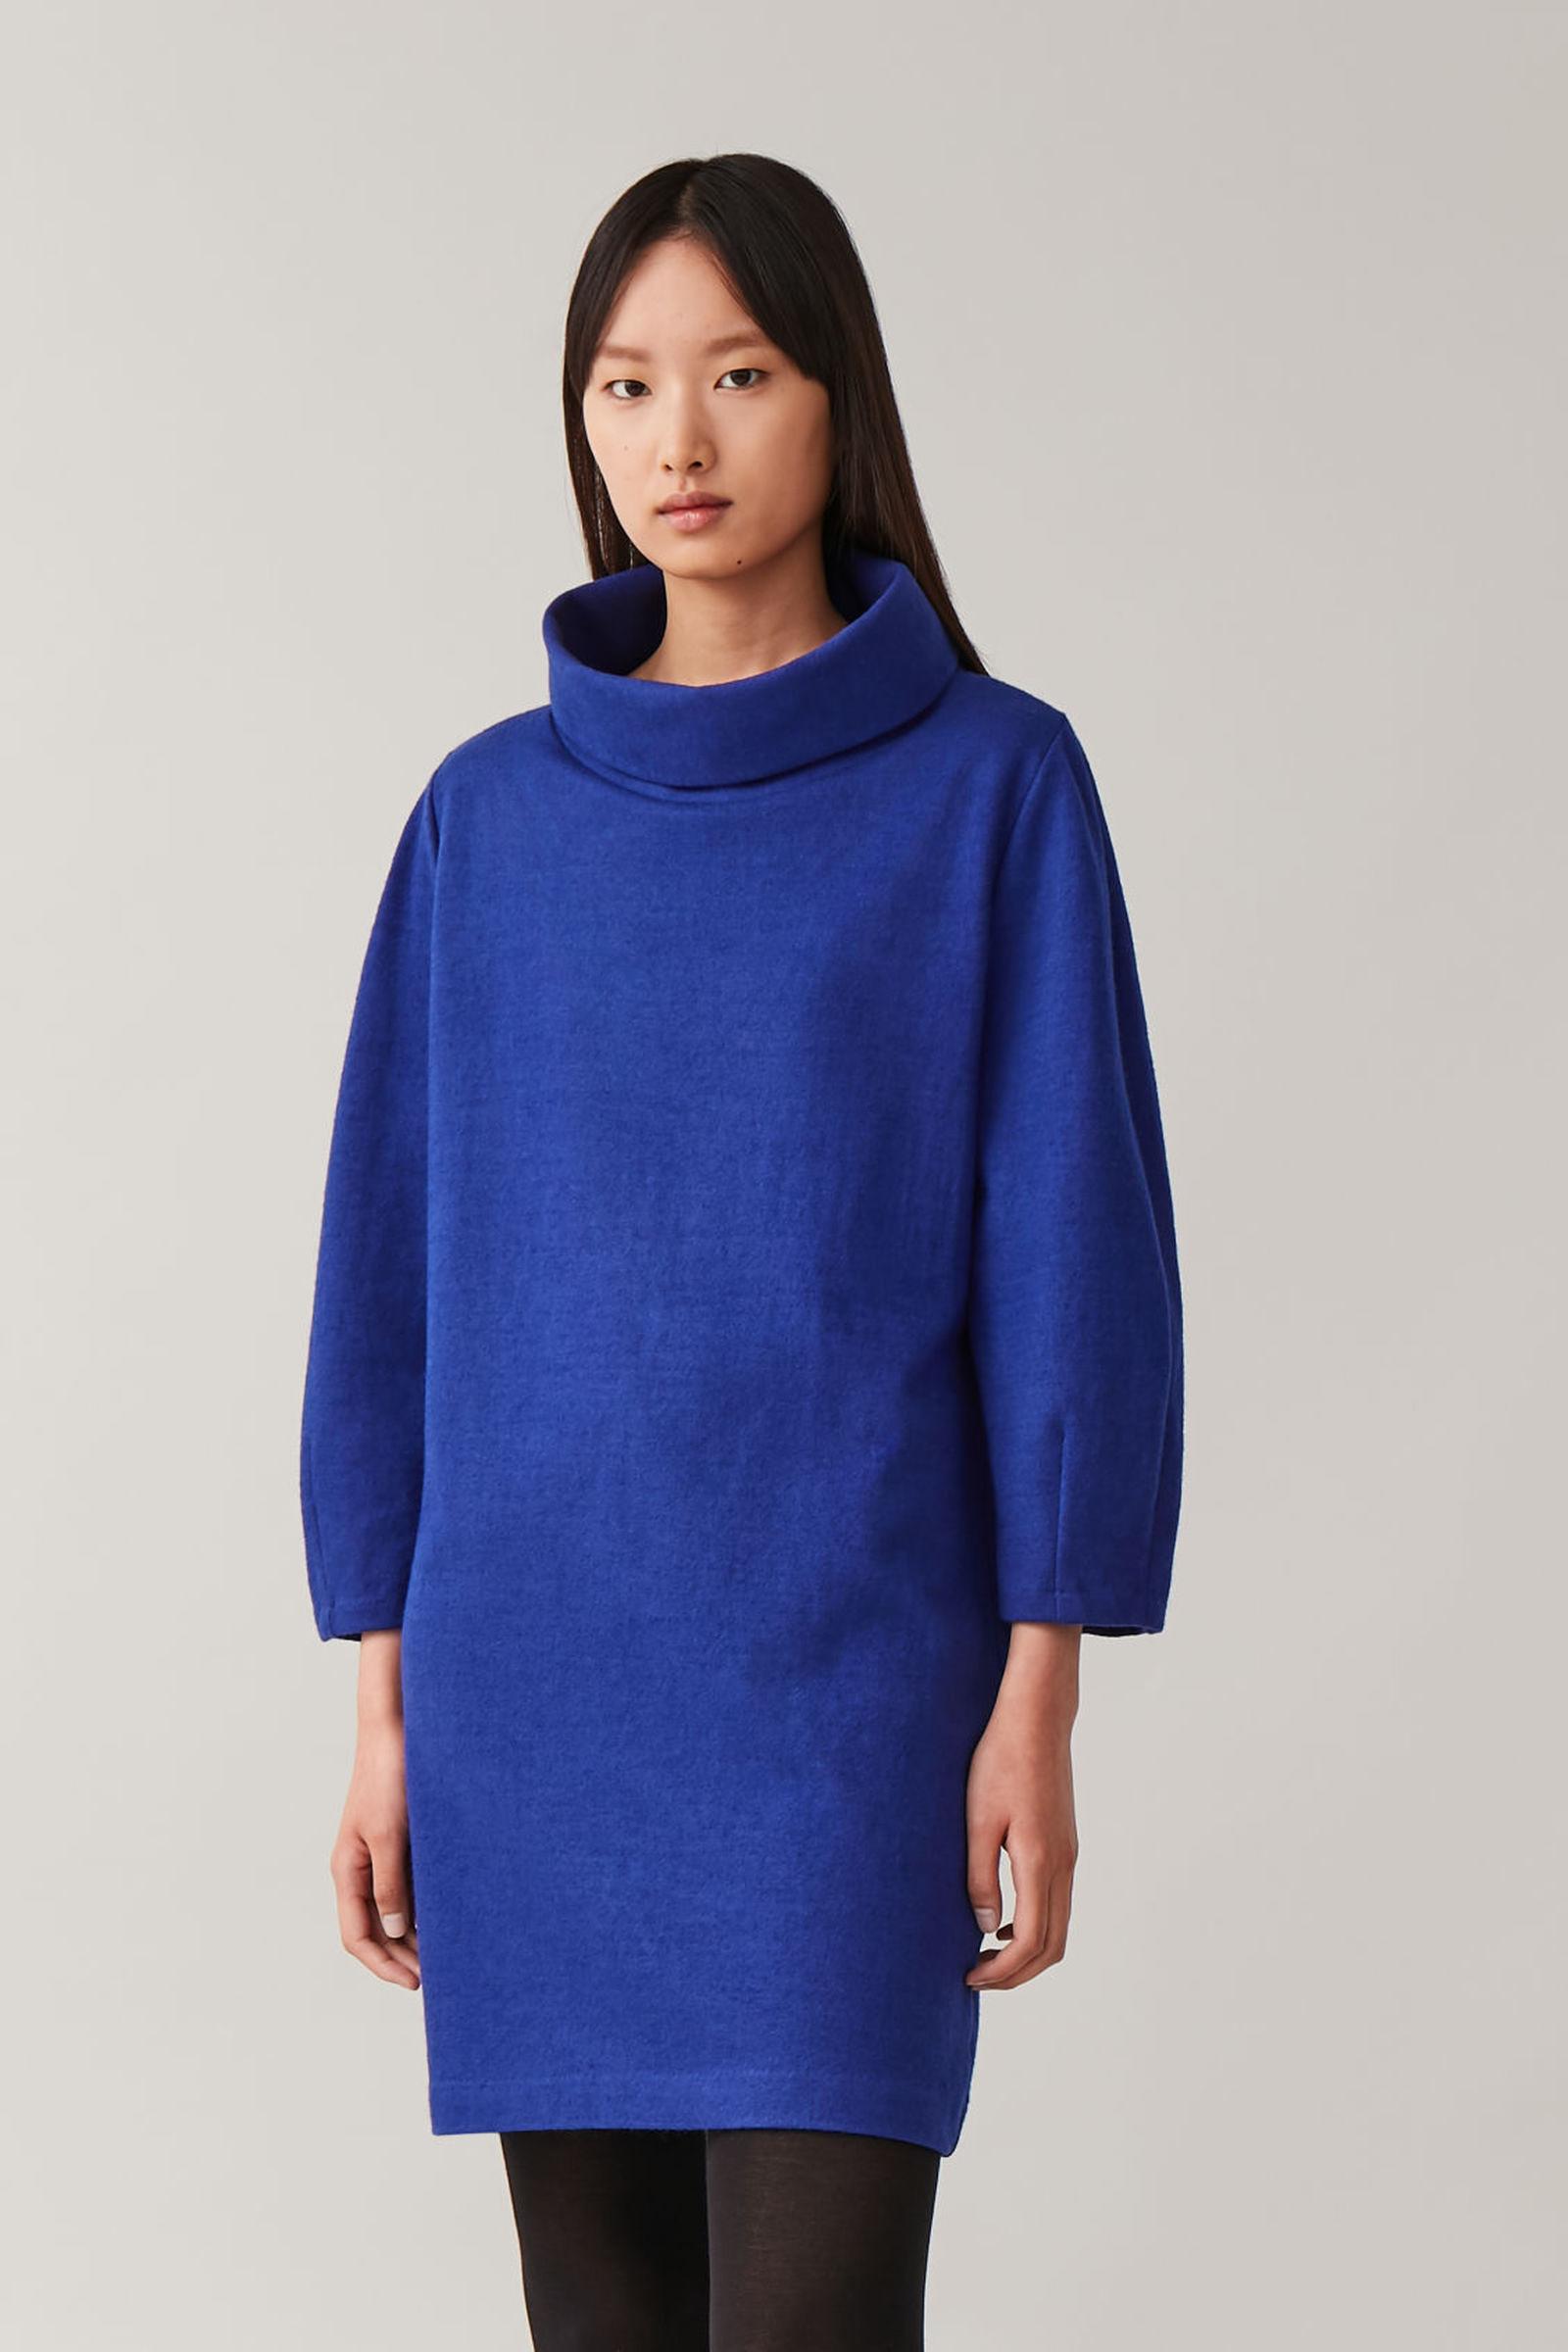 COS 울 코튼 코쿤 드레스의 코발트 블루컬러 ECOMLook입니다.